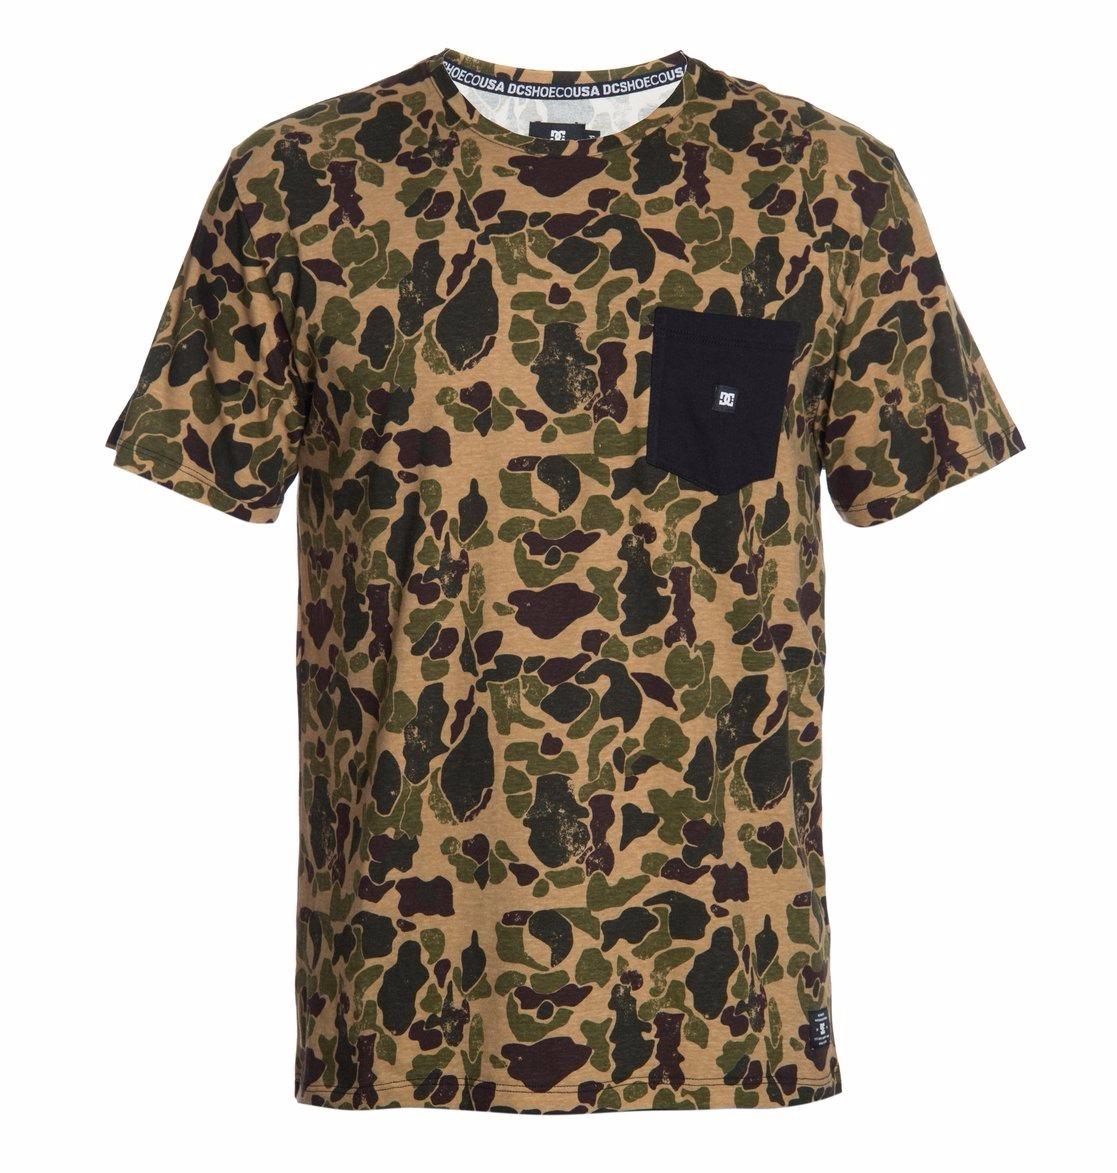 e7c2114dce555 Camiseta Camuflada Dc Shoes - R$ 149,90 em Mercado Livre